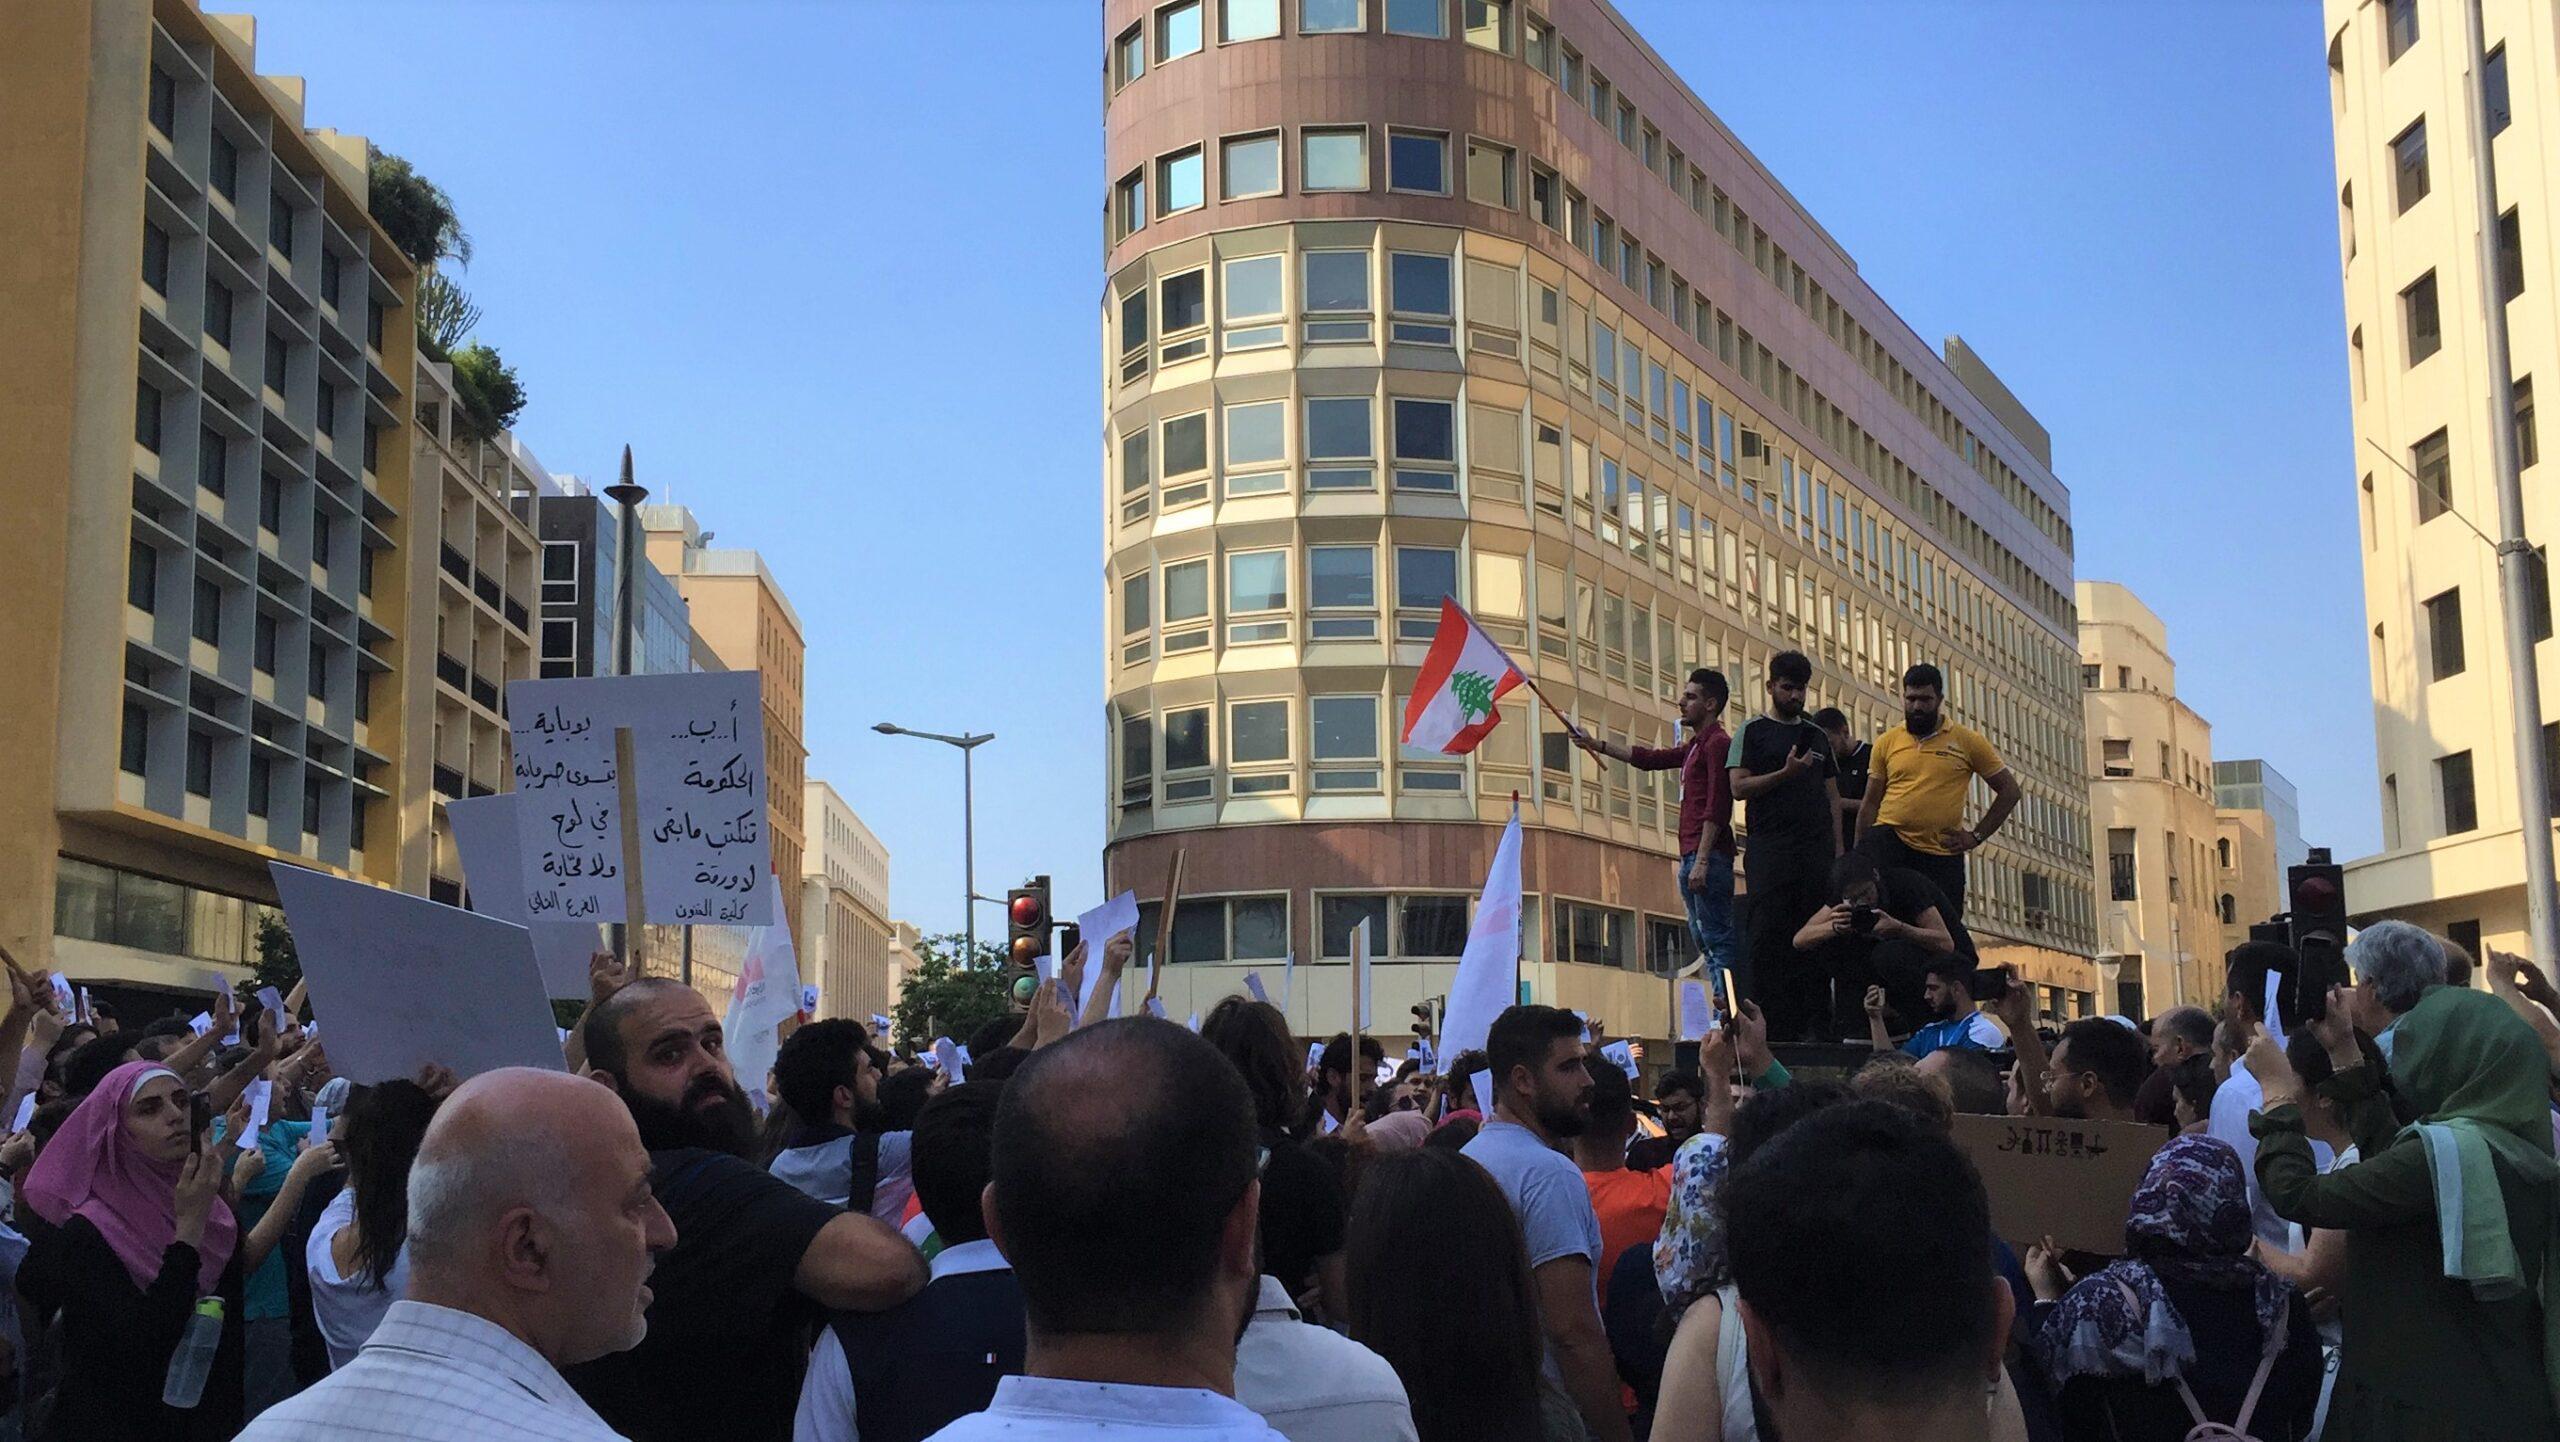 حراك أساتذة وطلاب الجامعة اللبنانية، بين عوائق الأمس وفرص اليوم